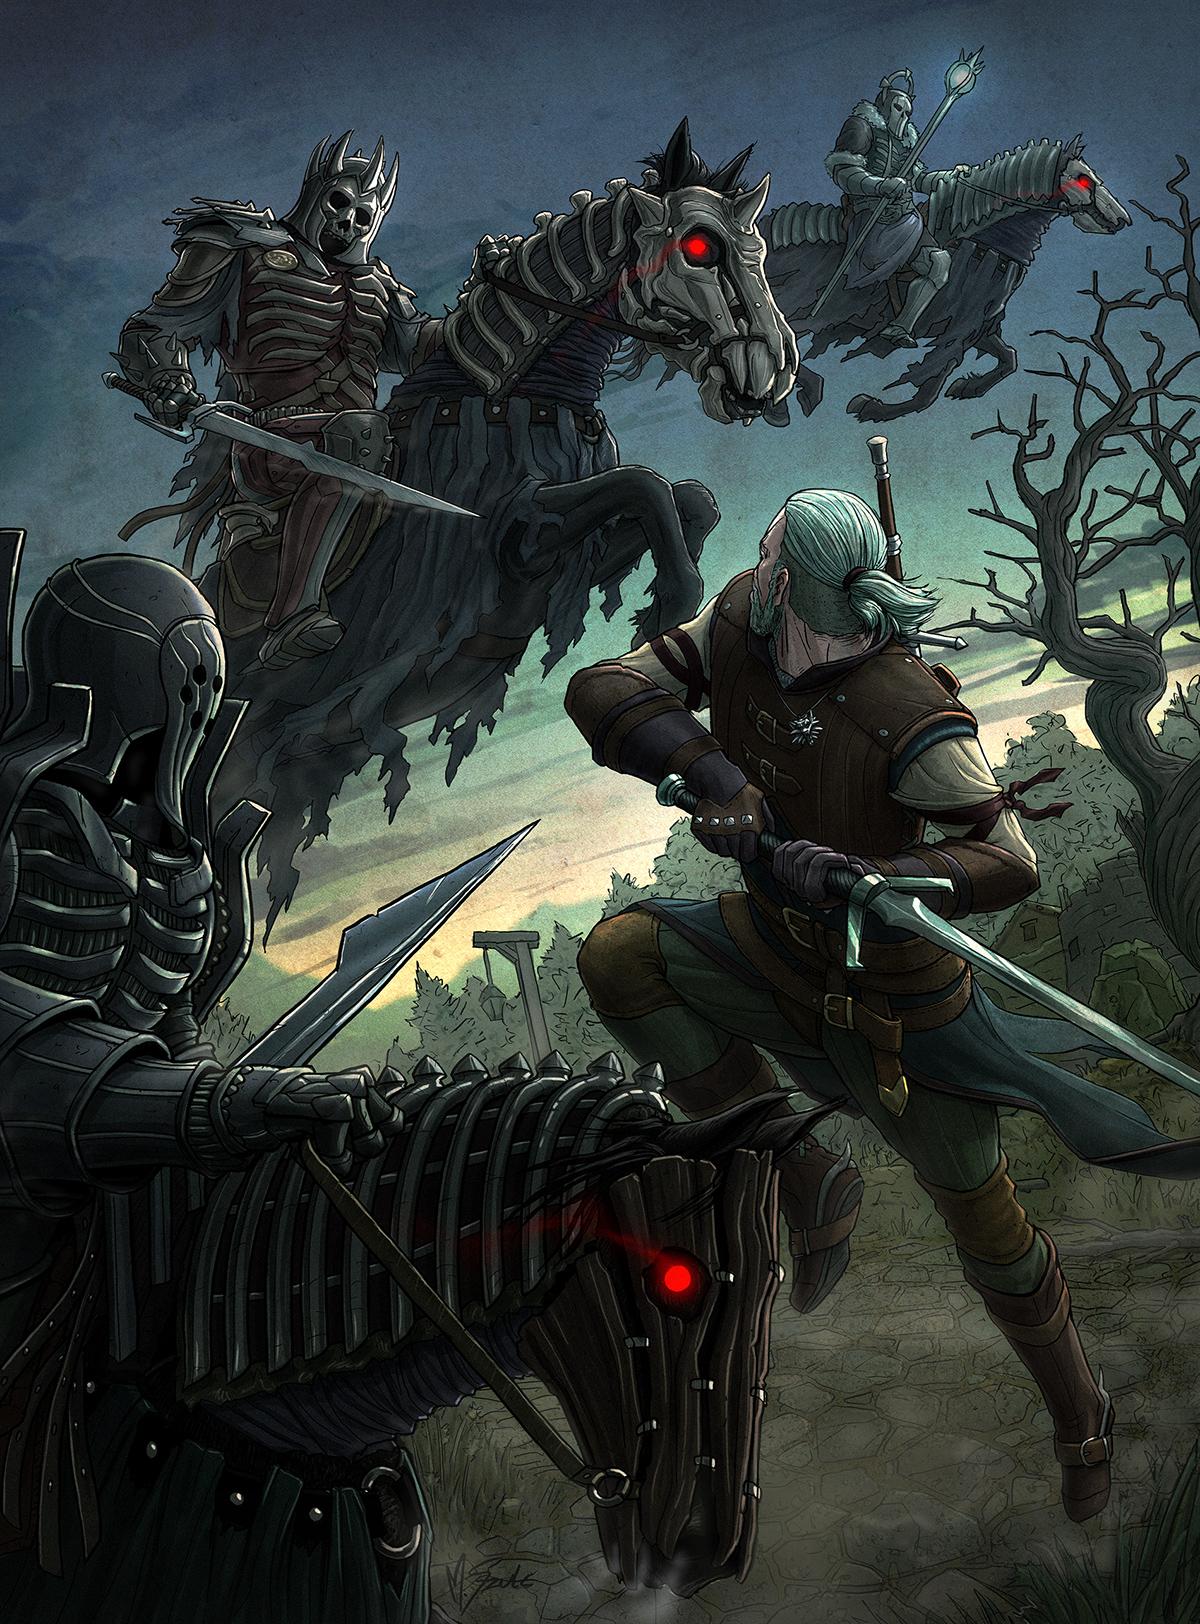 Witcher 3 Wachs